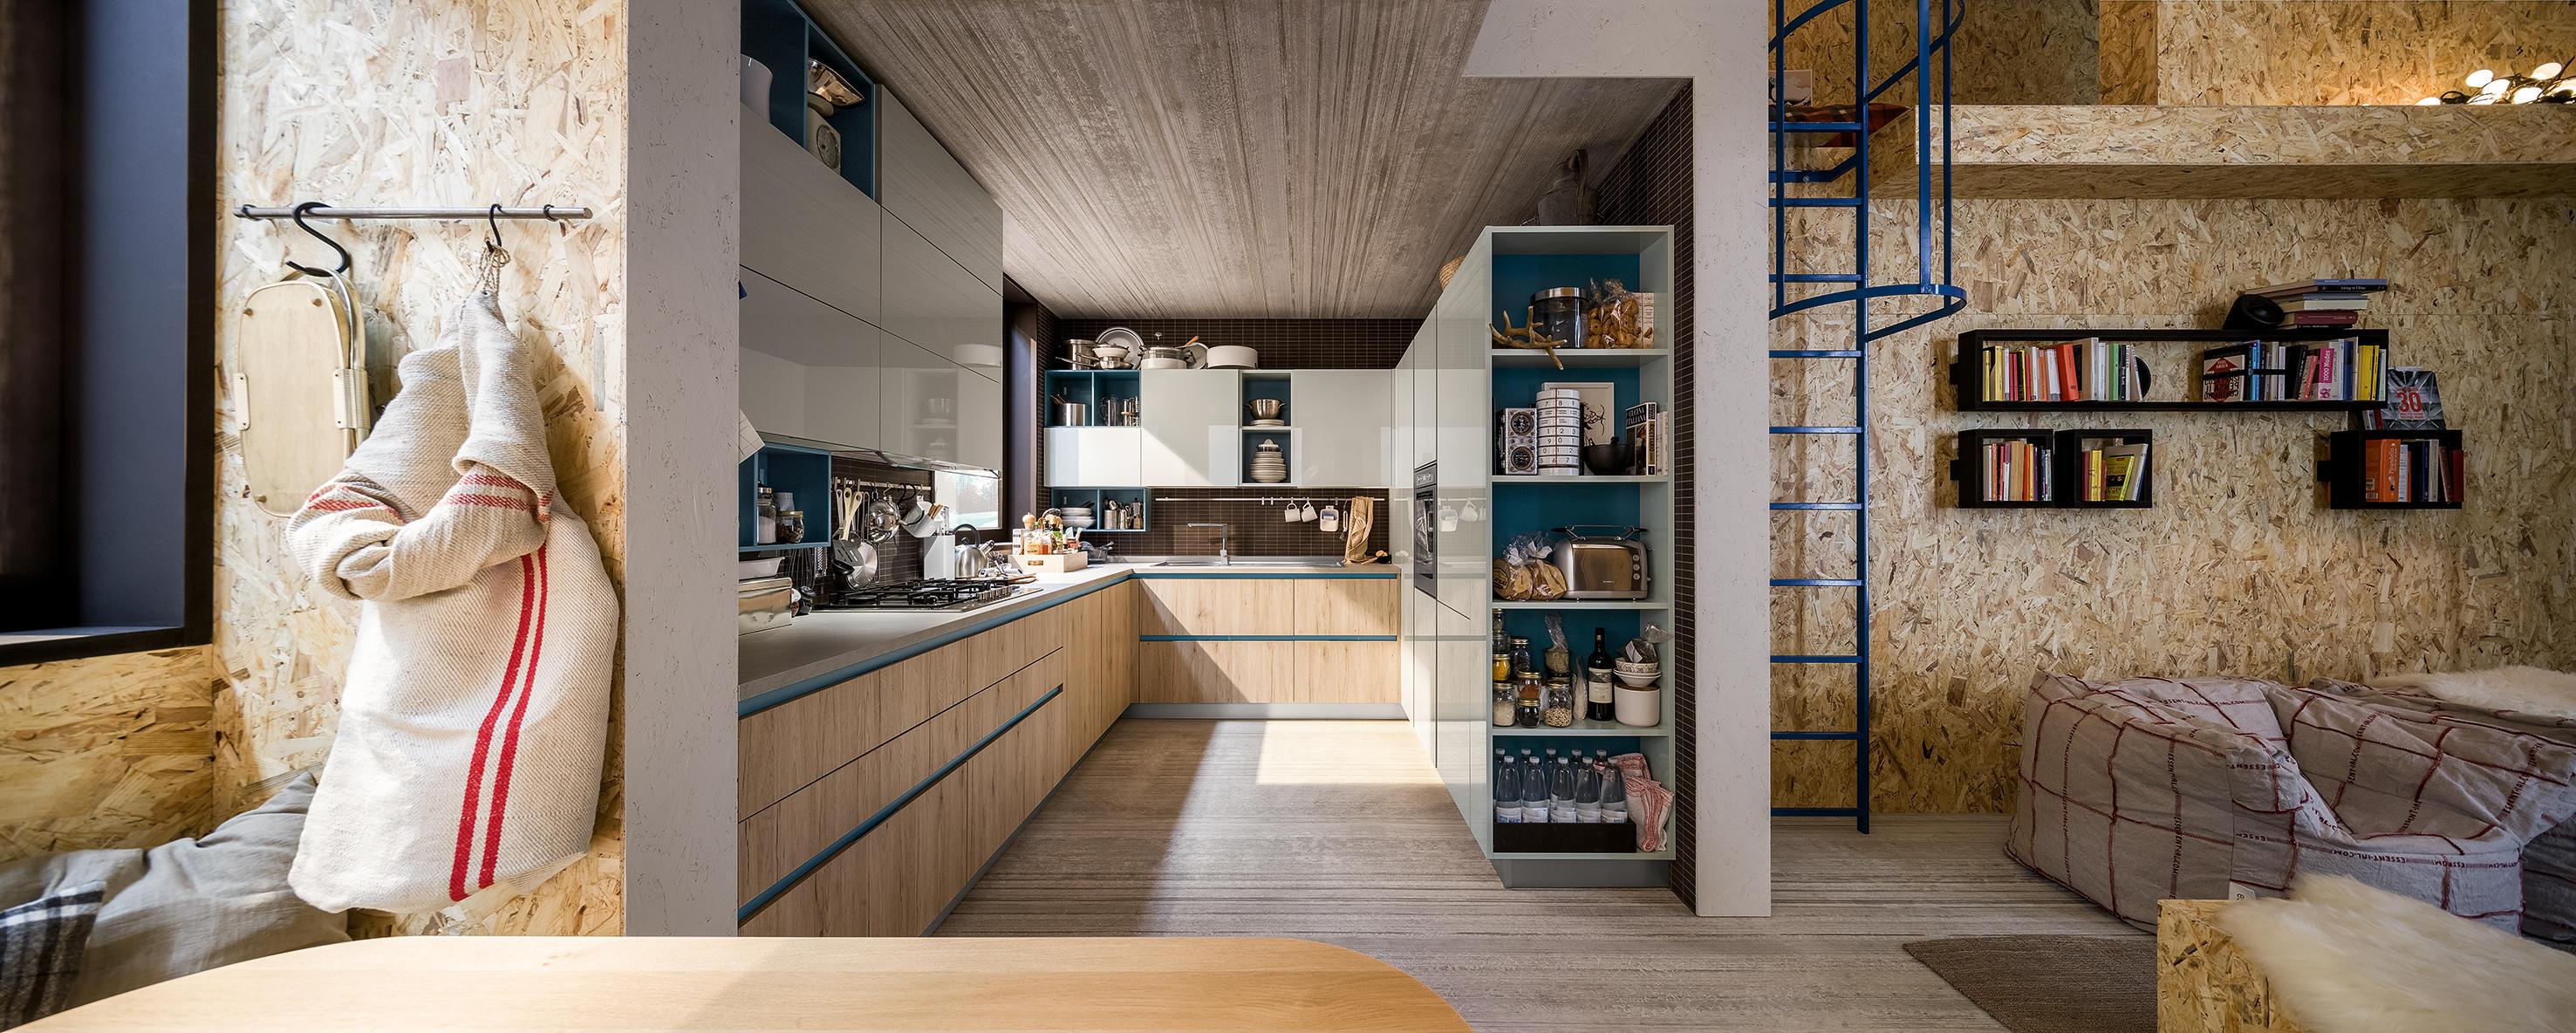 START-TIME.GO - Einbauküchen von Veneta Cucine | Architonic